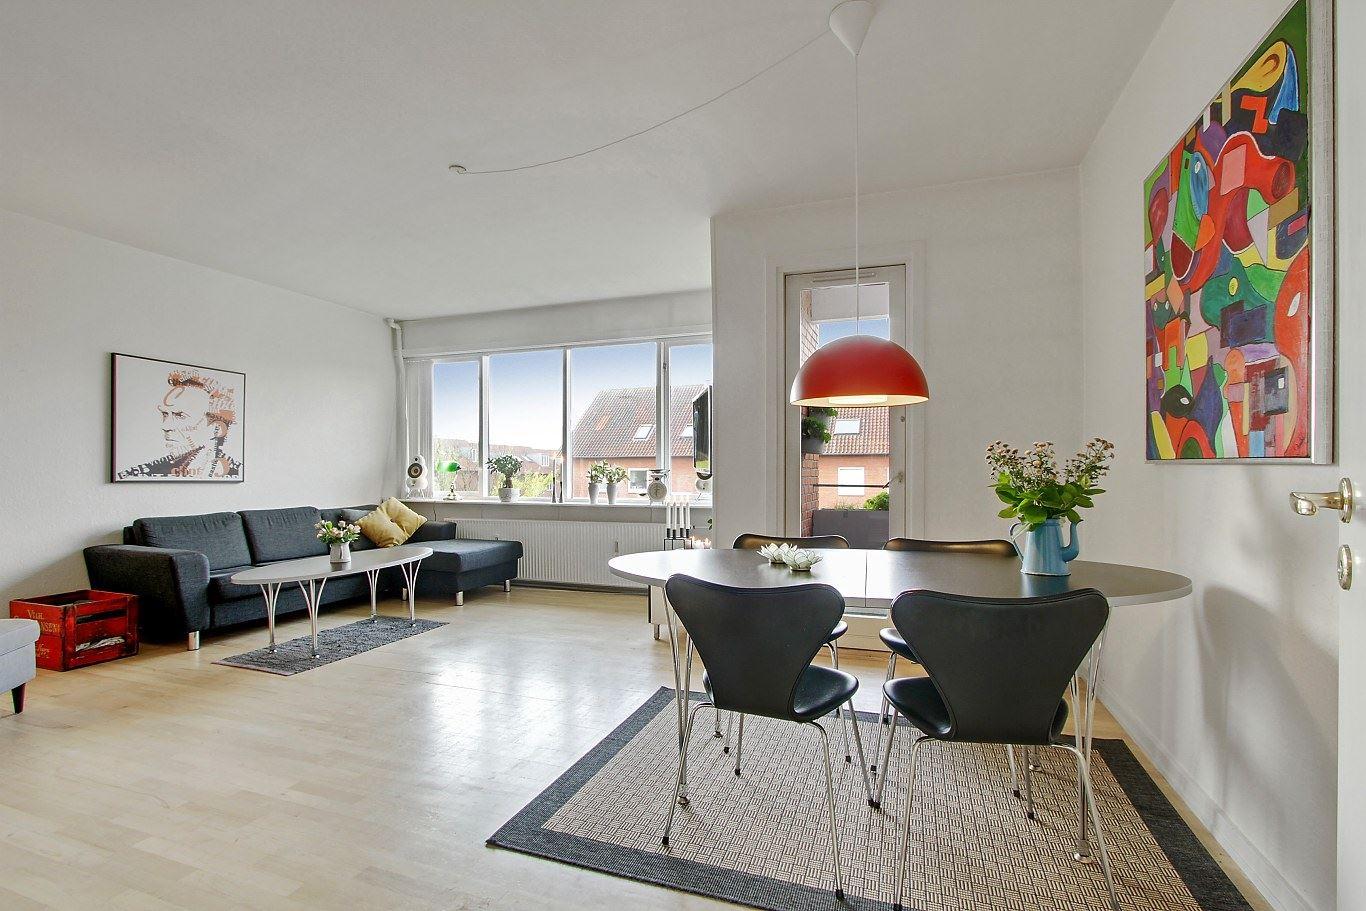 Tøndergade 86, 2. tv., 8000 Aarhus C